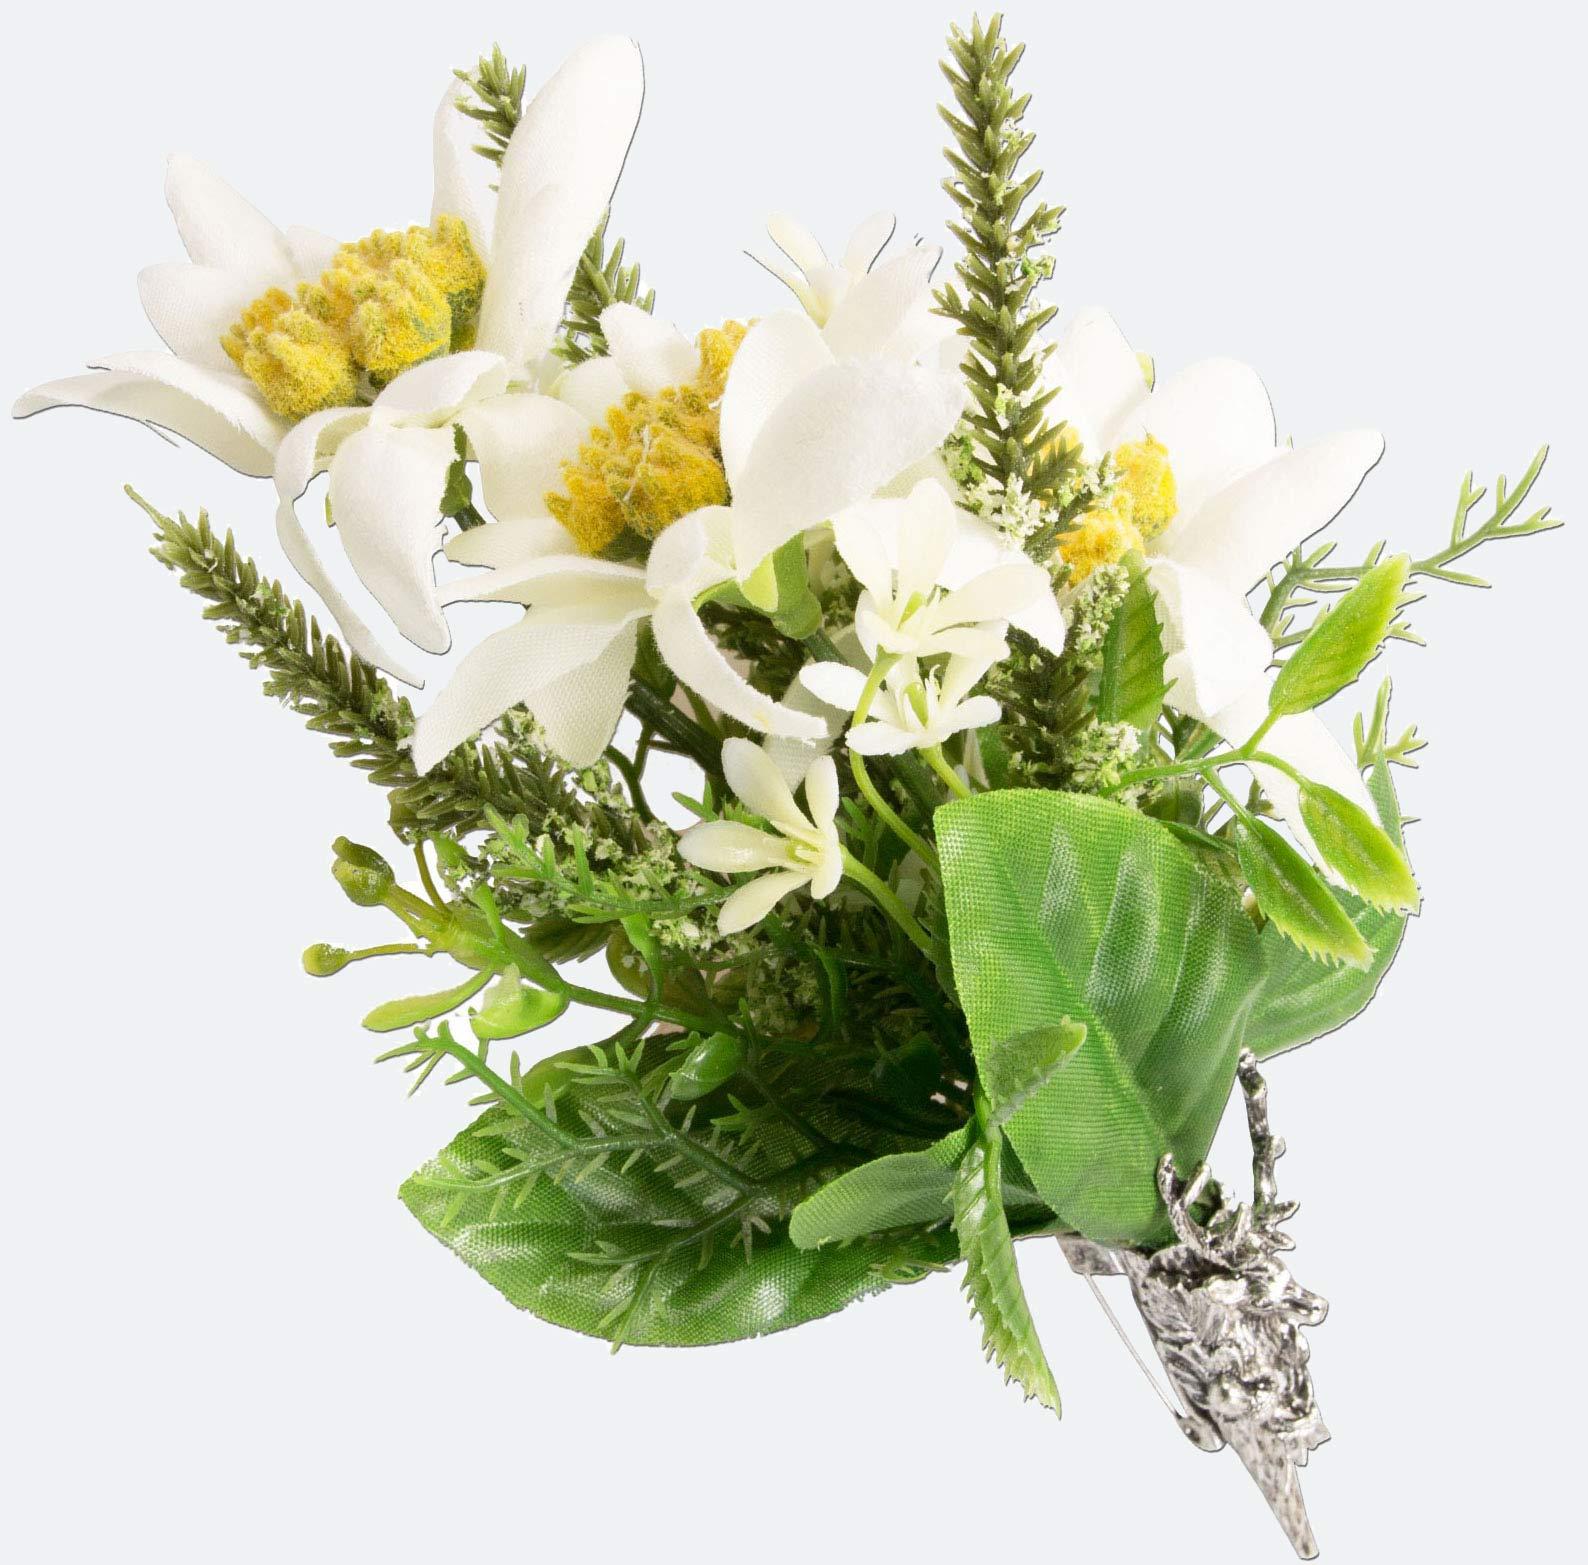 Edelweissbluten_Trachtenbrosche_25a60726e0b496